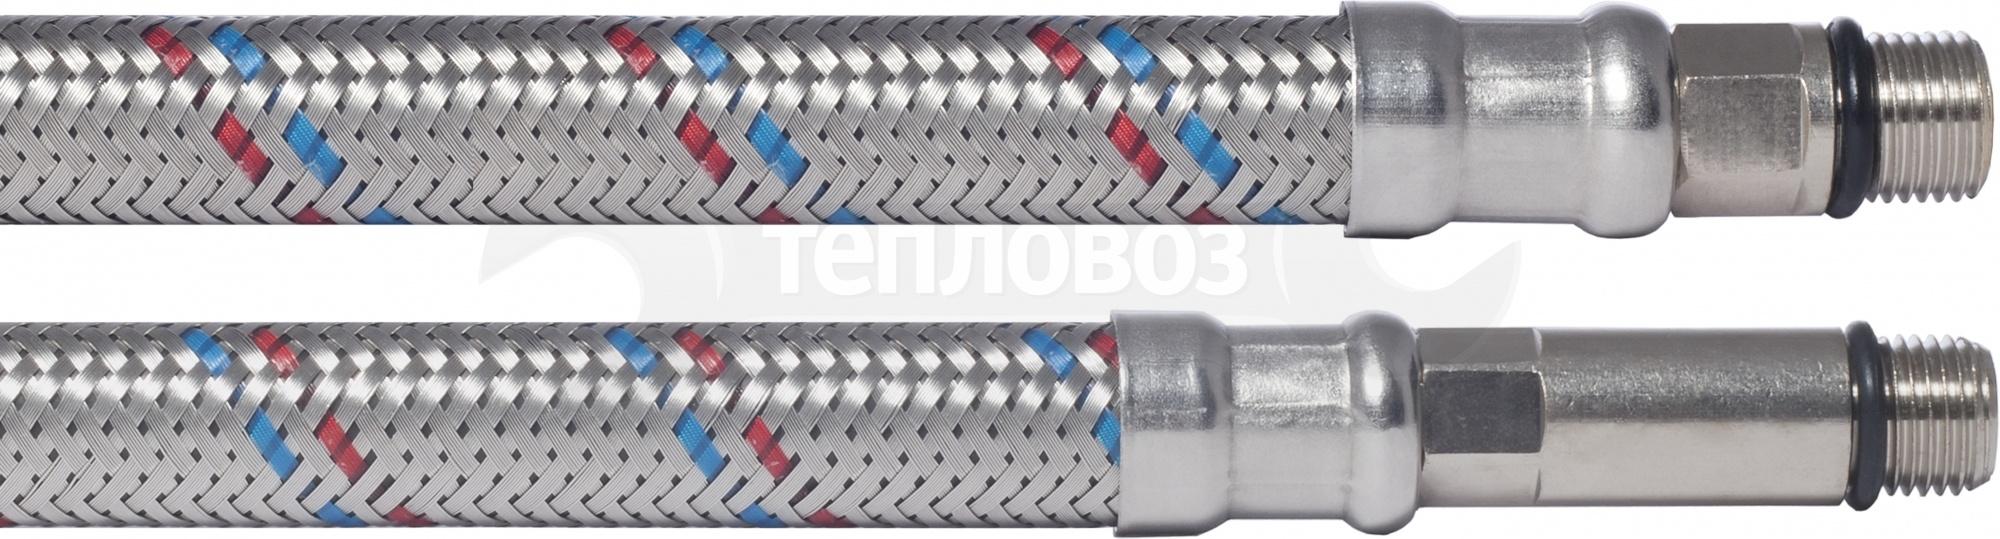 Monoflex 150 см, короткий и длинный штуцер